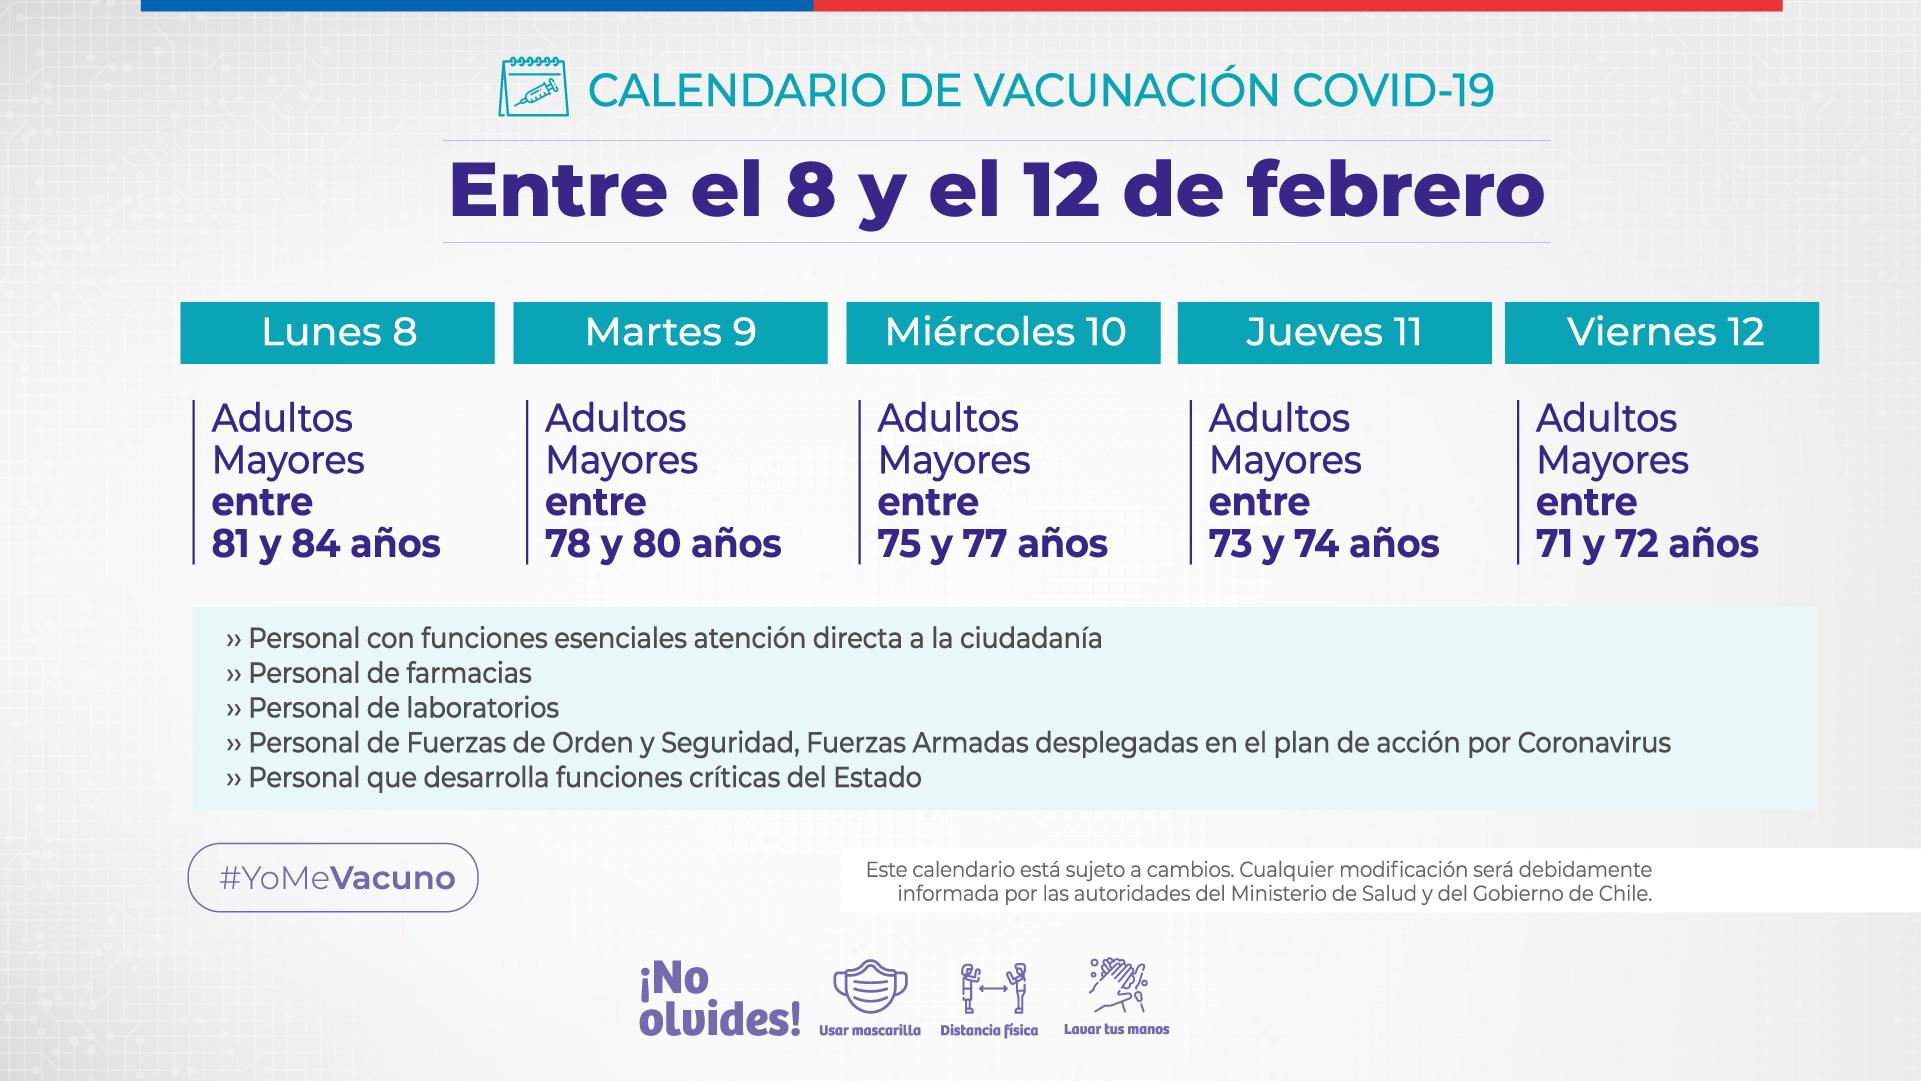 calendario de vacunacion semana 2